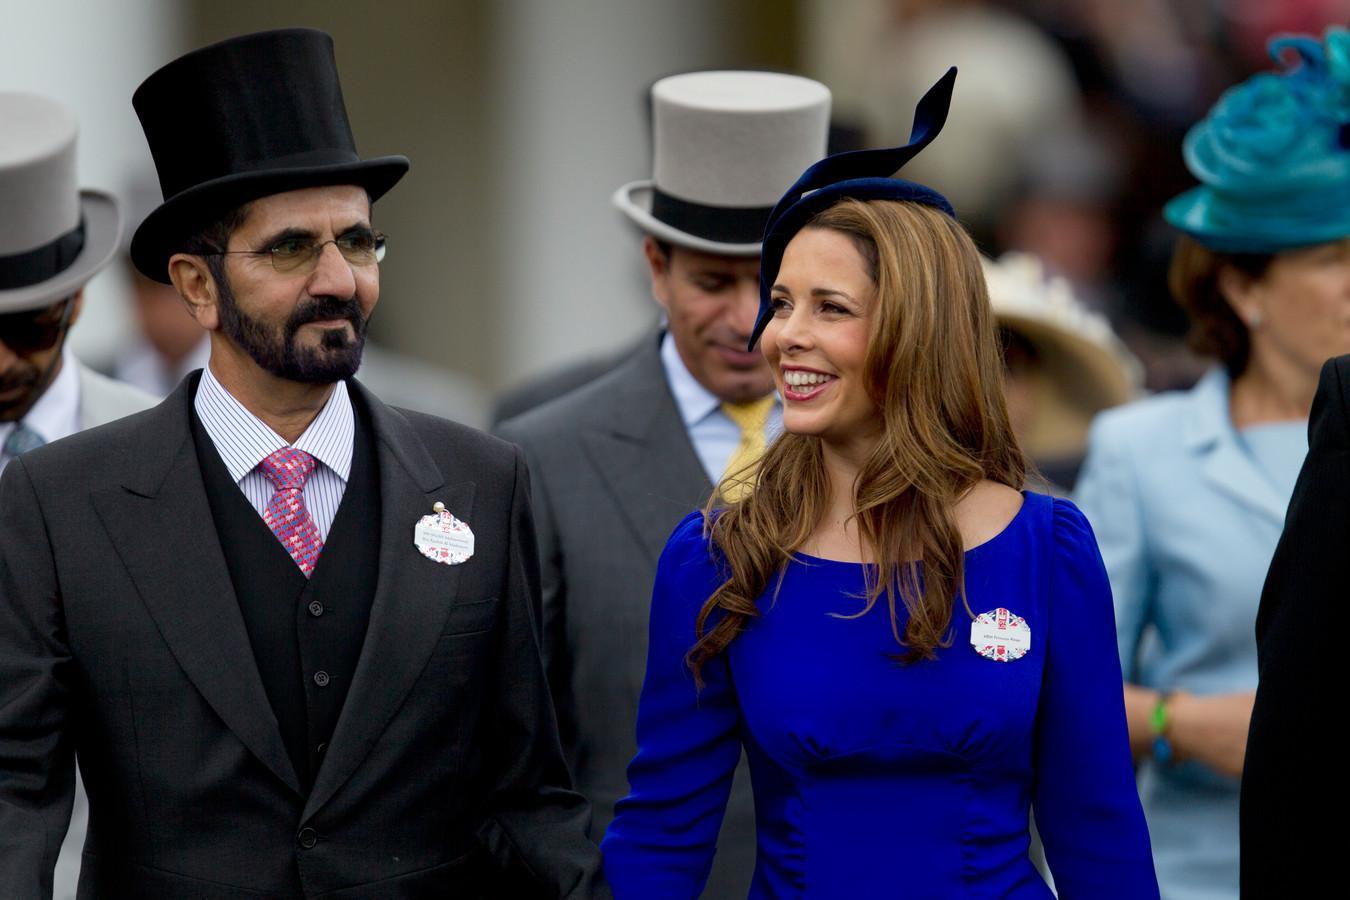 De sjeik en zijn vrouw Haya in 2012.